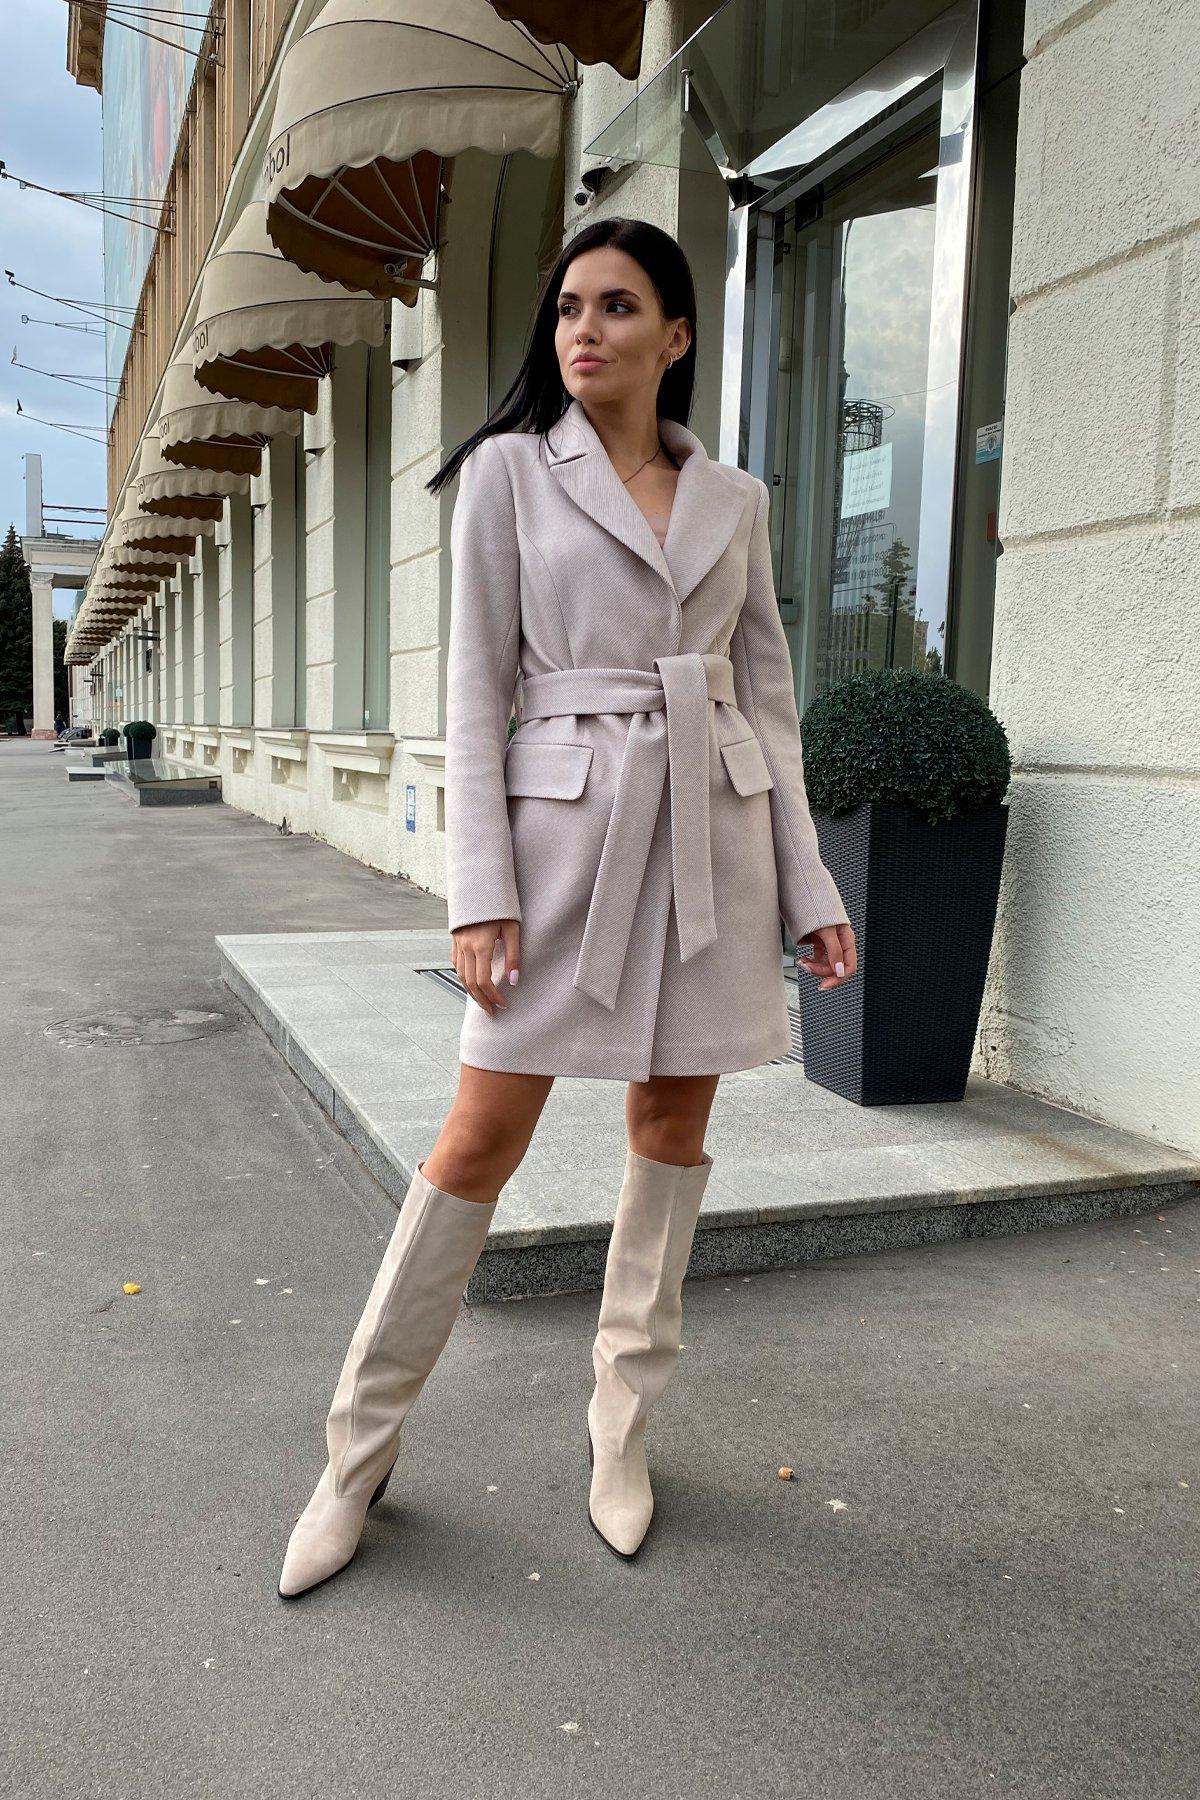 Купить пальто женское недорого от Modus Корси диагональ пальтовая ткань пальто 9882